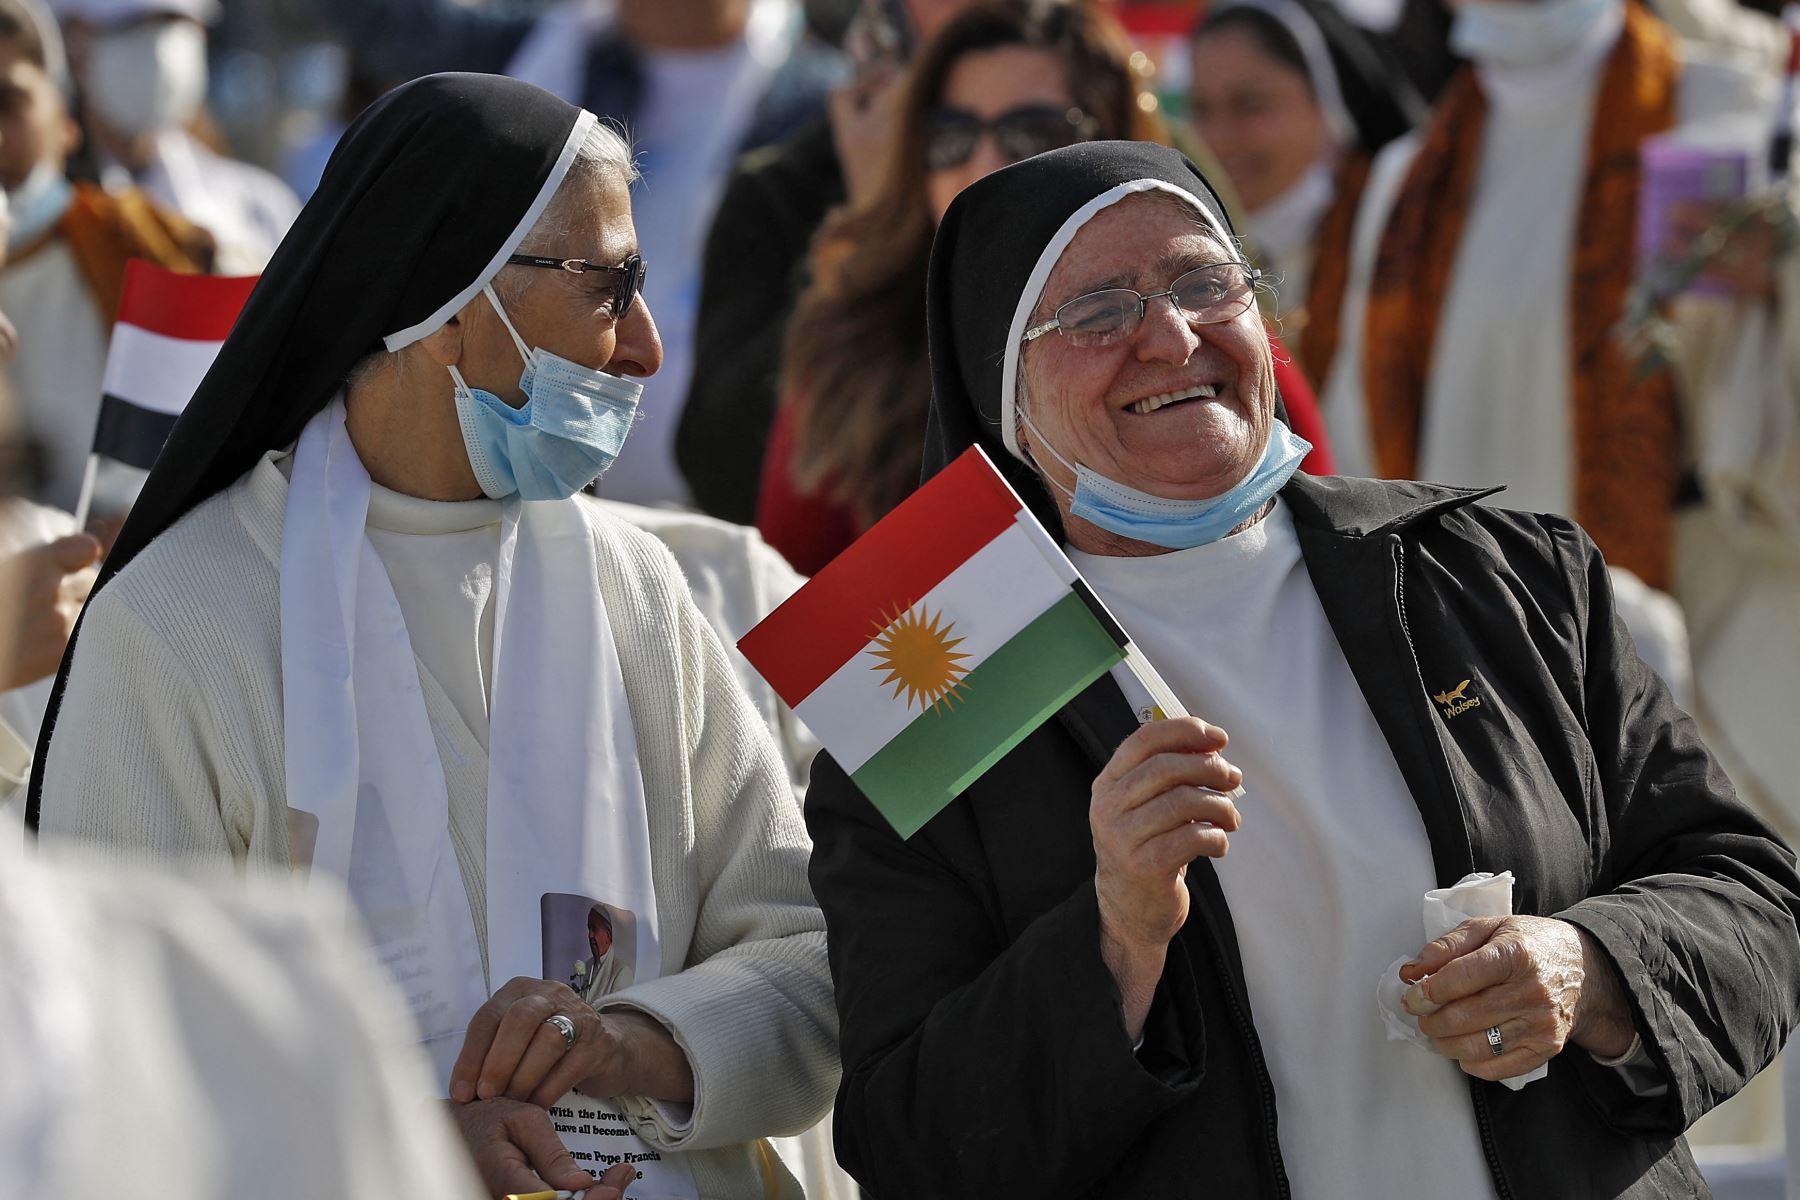 Una monja sostiene una bandera de Kurdistán mientras espera la llegada del Papa Francisco al Estadio Franso Hariri en Arbil, en la capital de la región autónoma kurda del norte de Irak. El Papa Francisco, en su histórica gira por Irak, visita hoy comunidades cristianas que soportaron la brutalidad del grupo. Foto: AFP